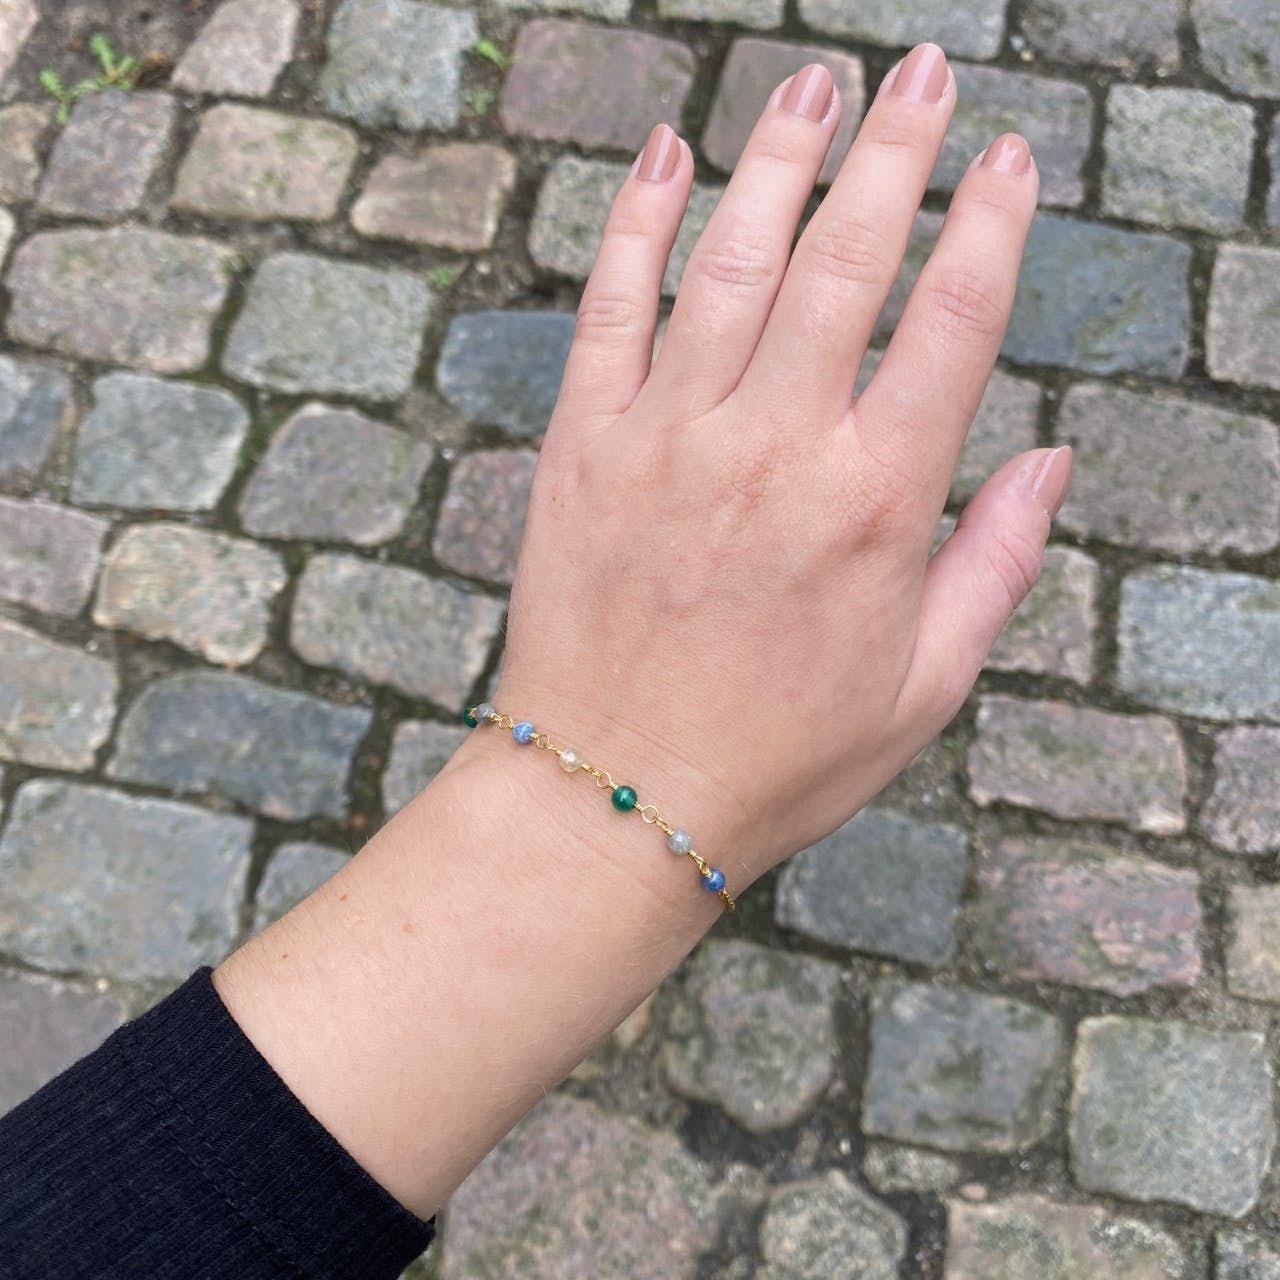 Gem Candy Bracelet Confidence von Carré in Vergoldet-Silber Sterling 925|, , ,